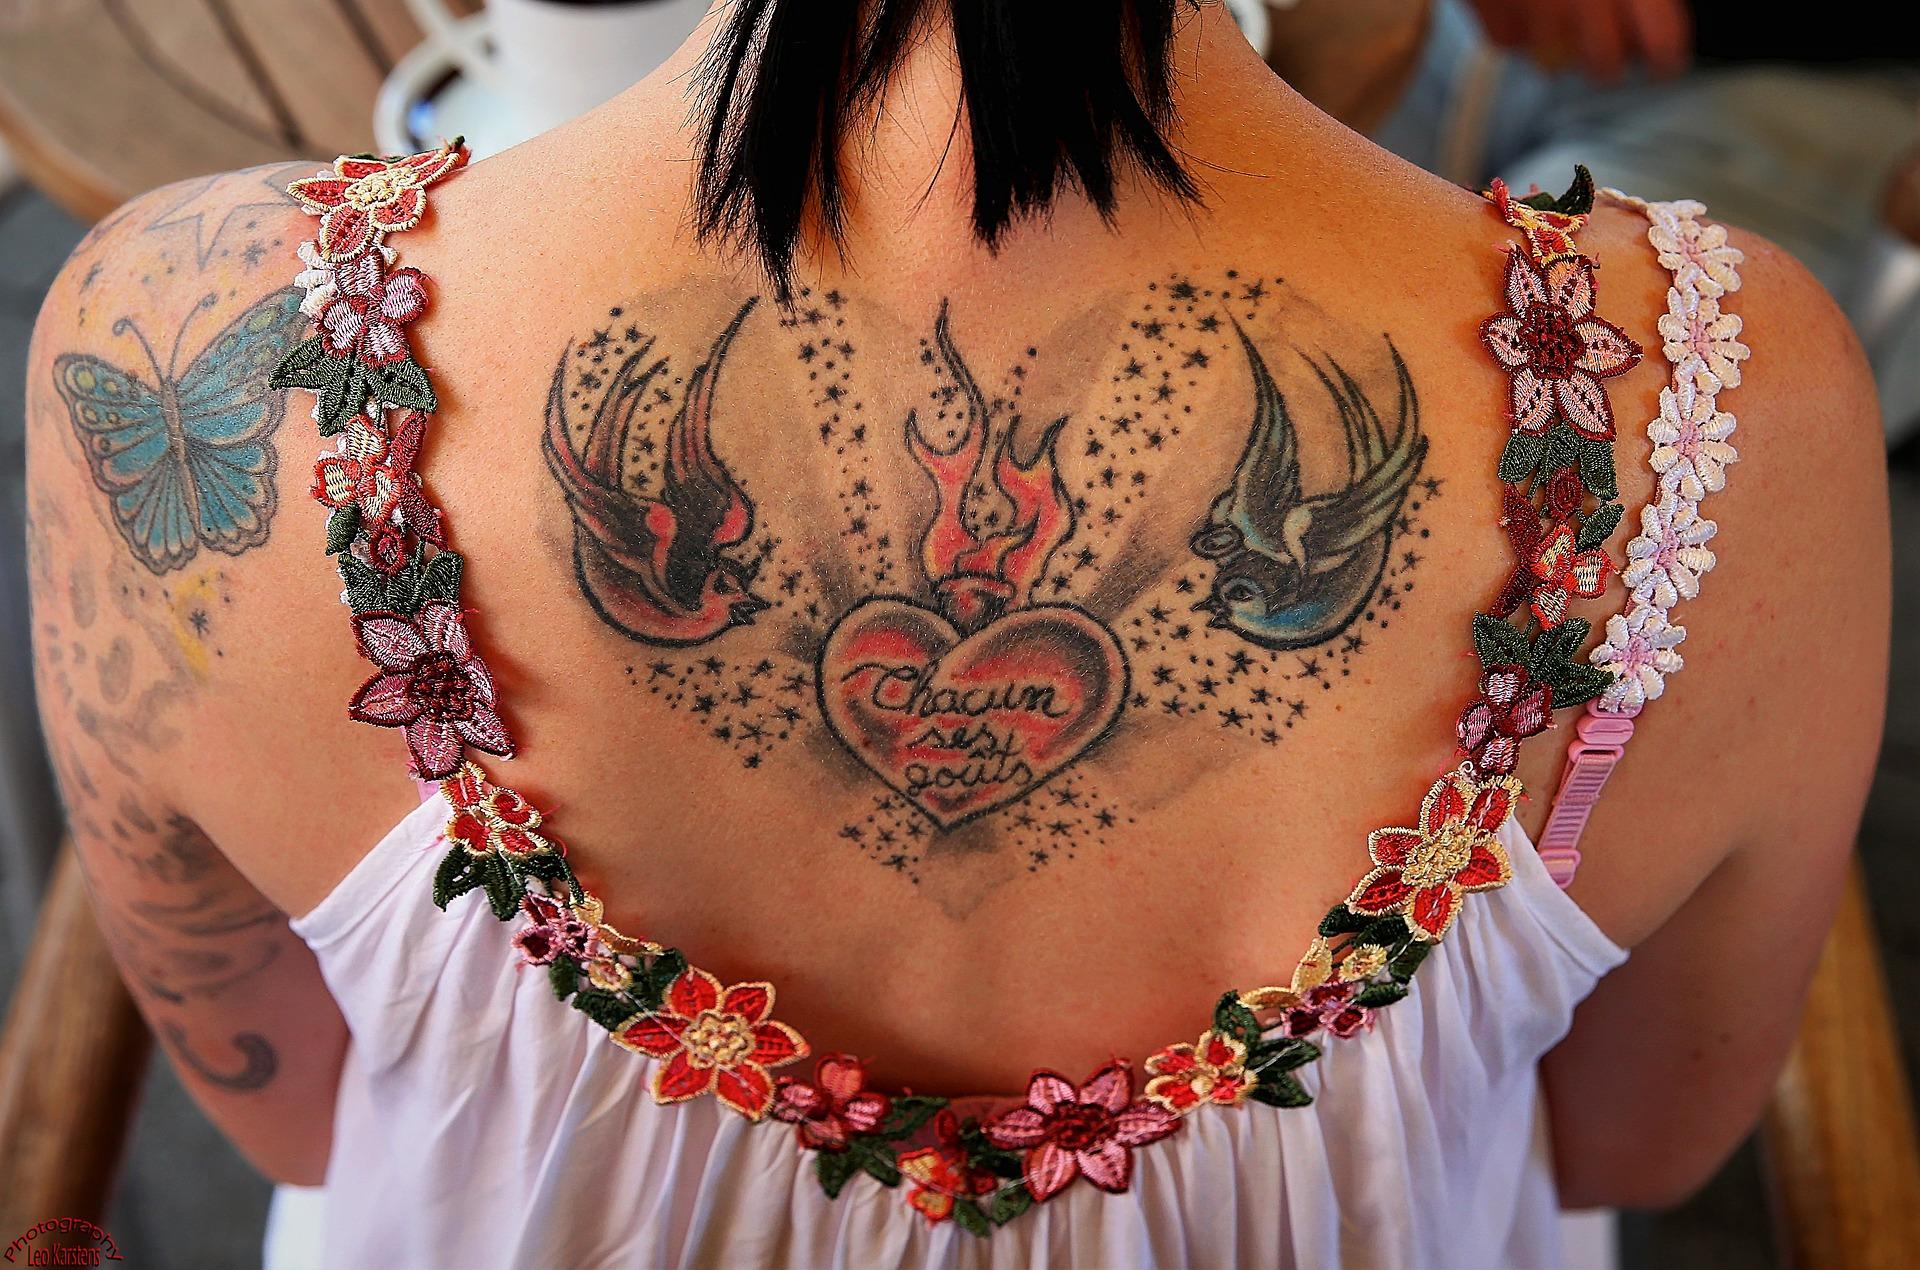 chica con un tatuaje en la espalda con corazón, pájaro y mariposa